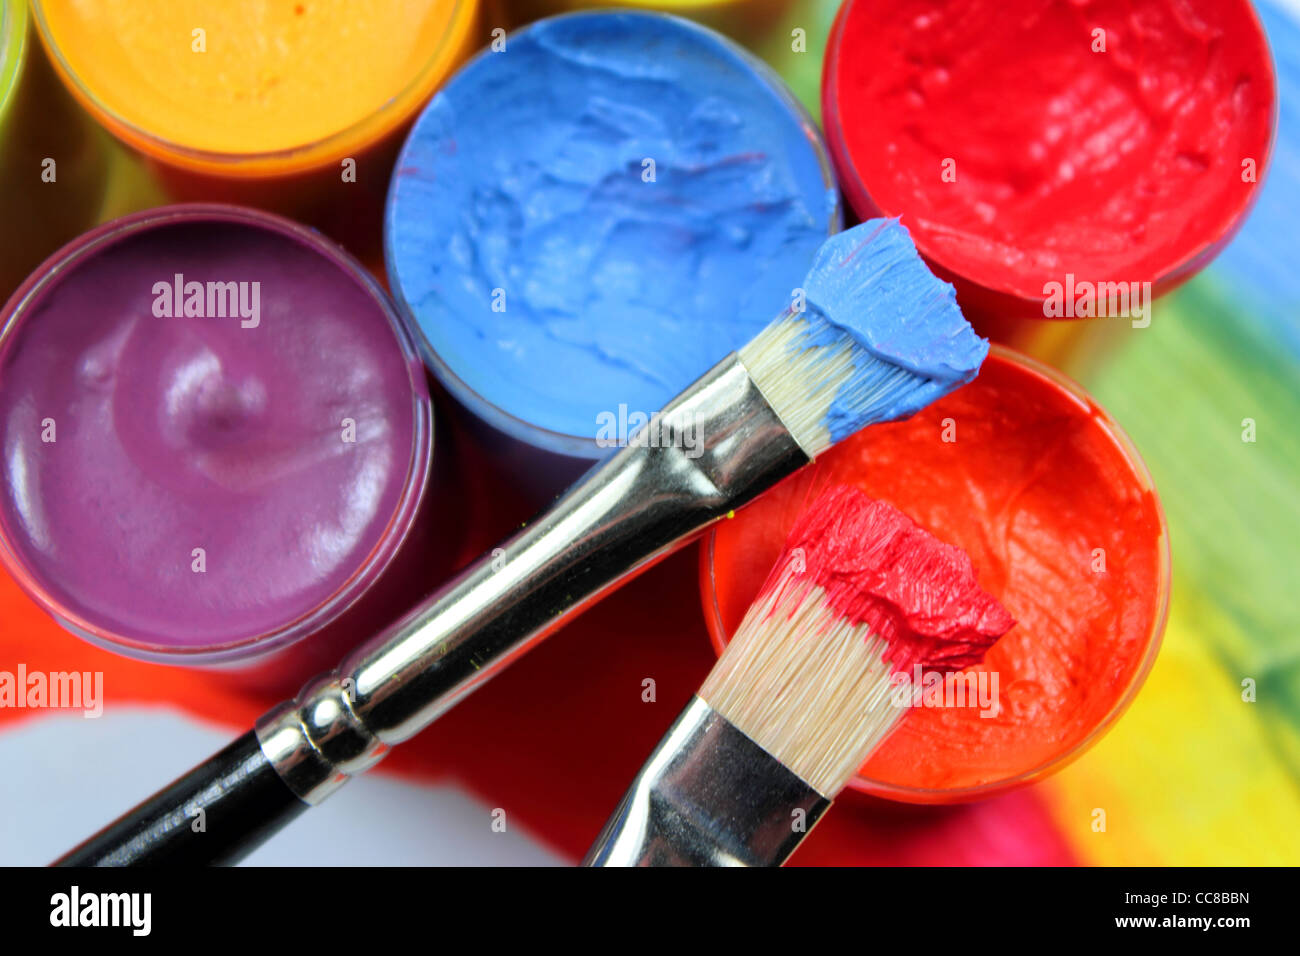 Pennelli per verniciatura aperto sul secchio di vernice Immagini Stock